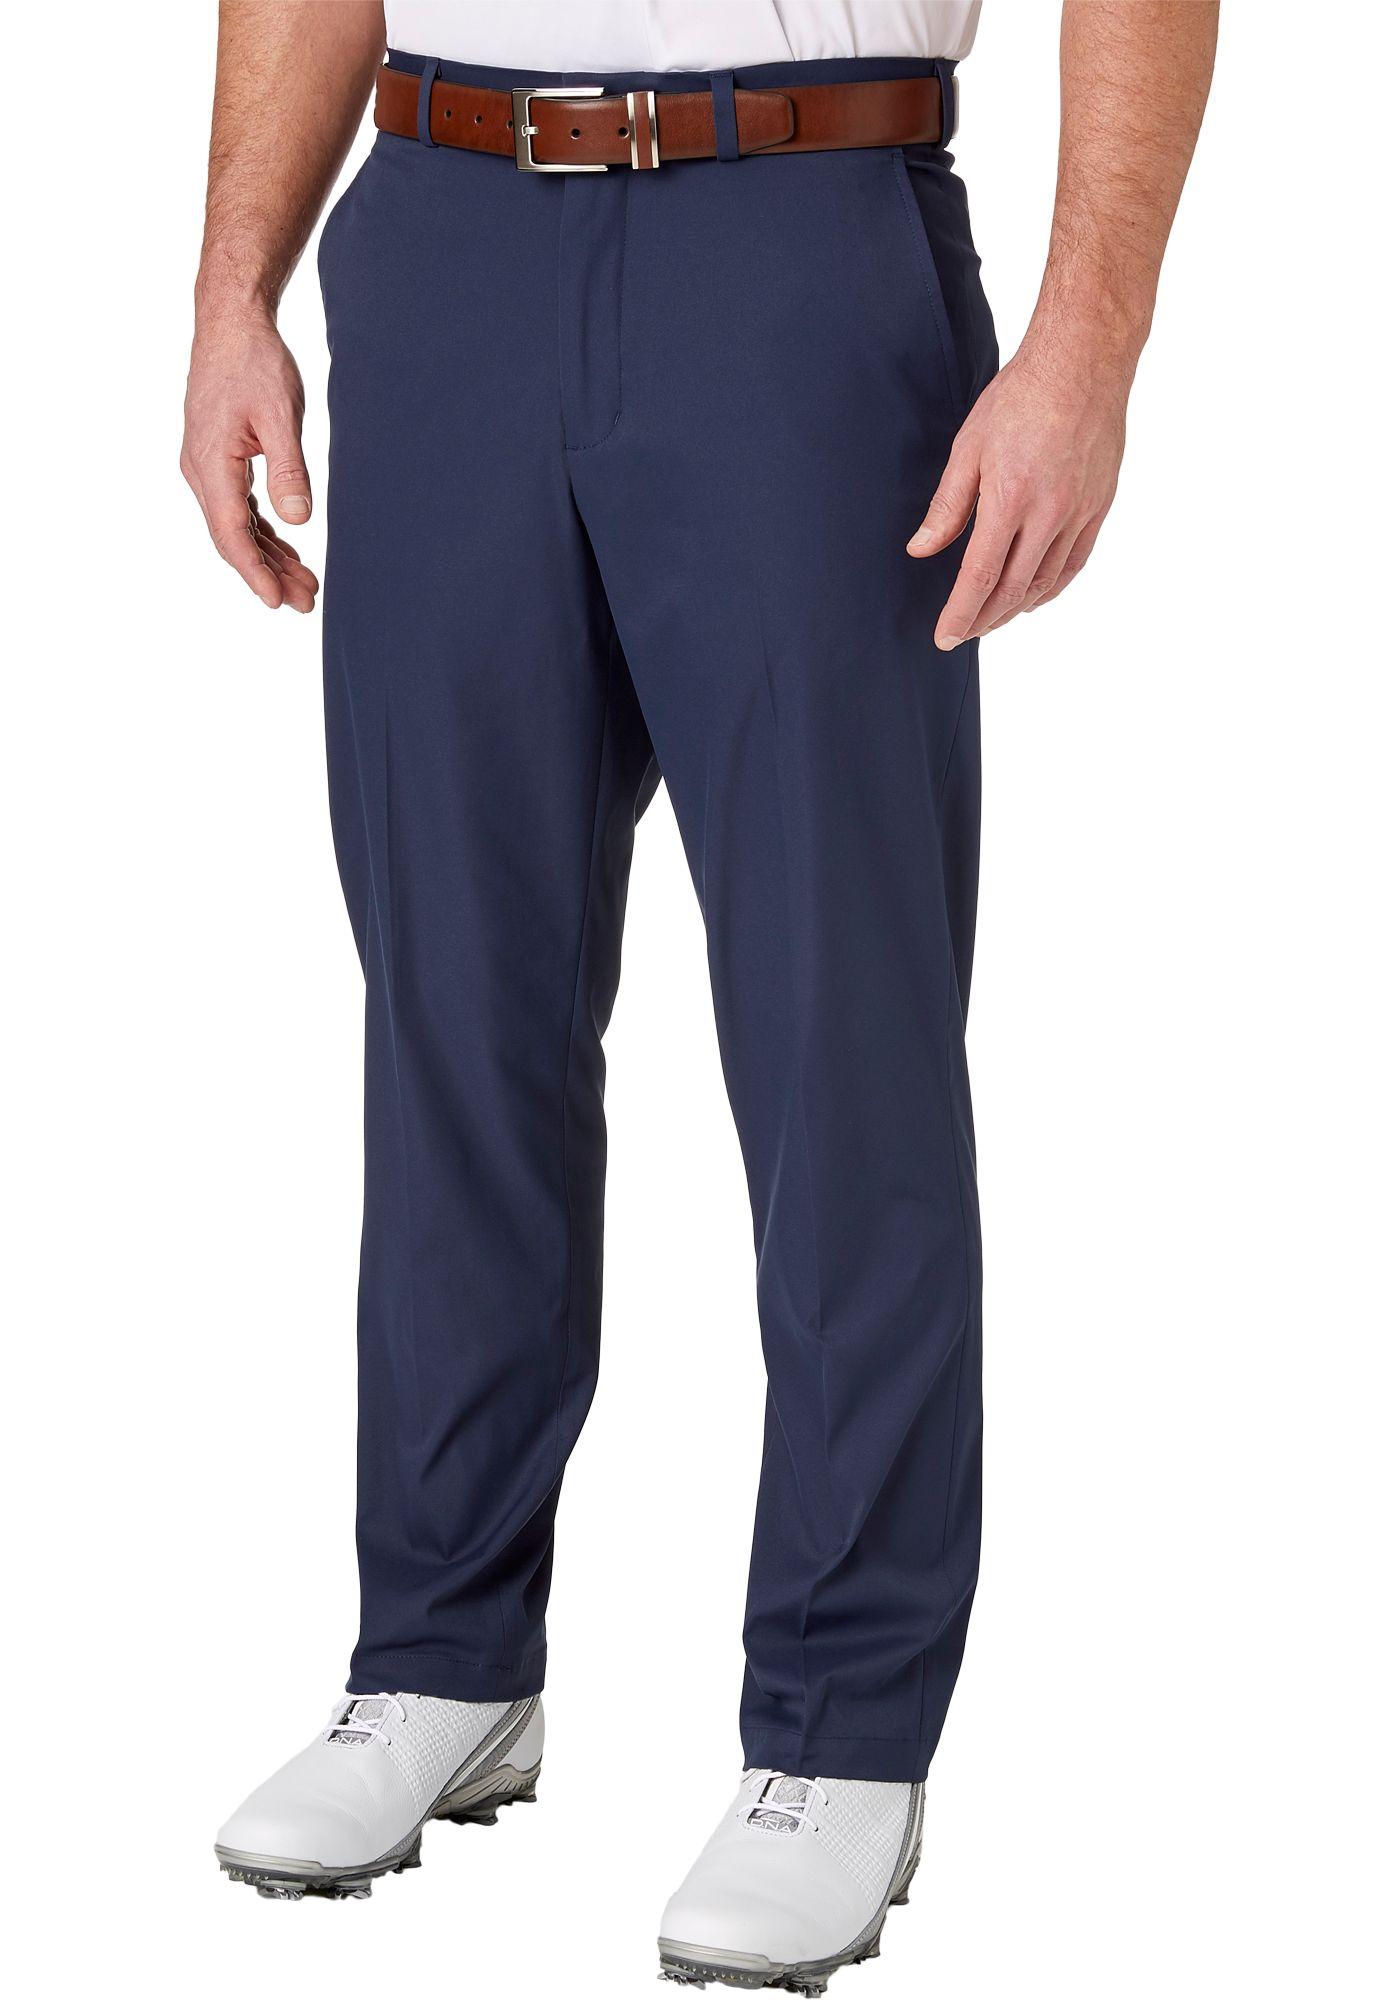 Walter Hagen Men's 11 Majors Core Golf Pants – Big & Tall